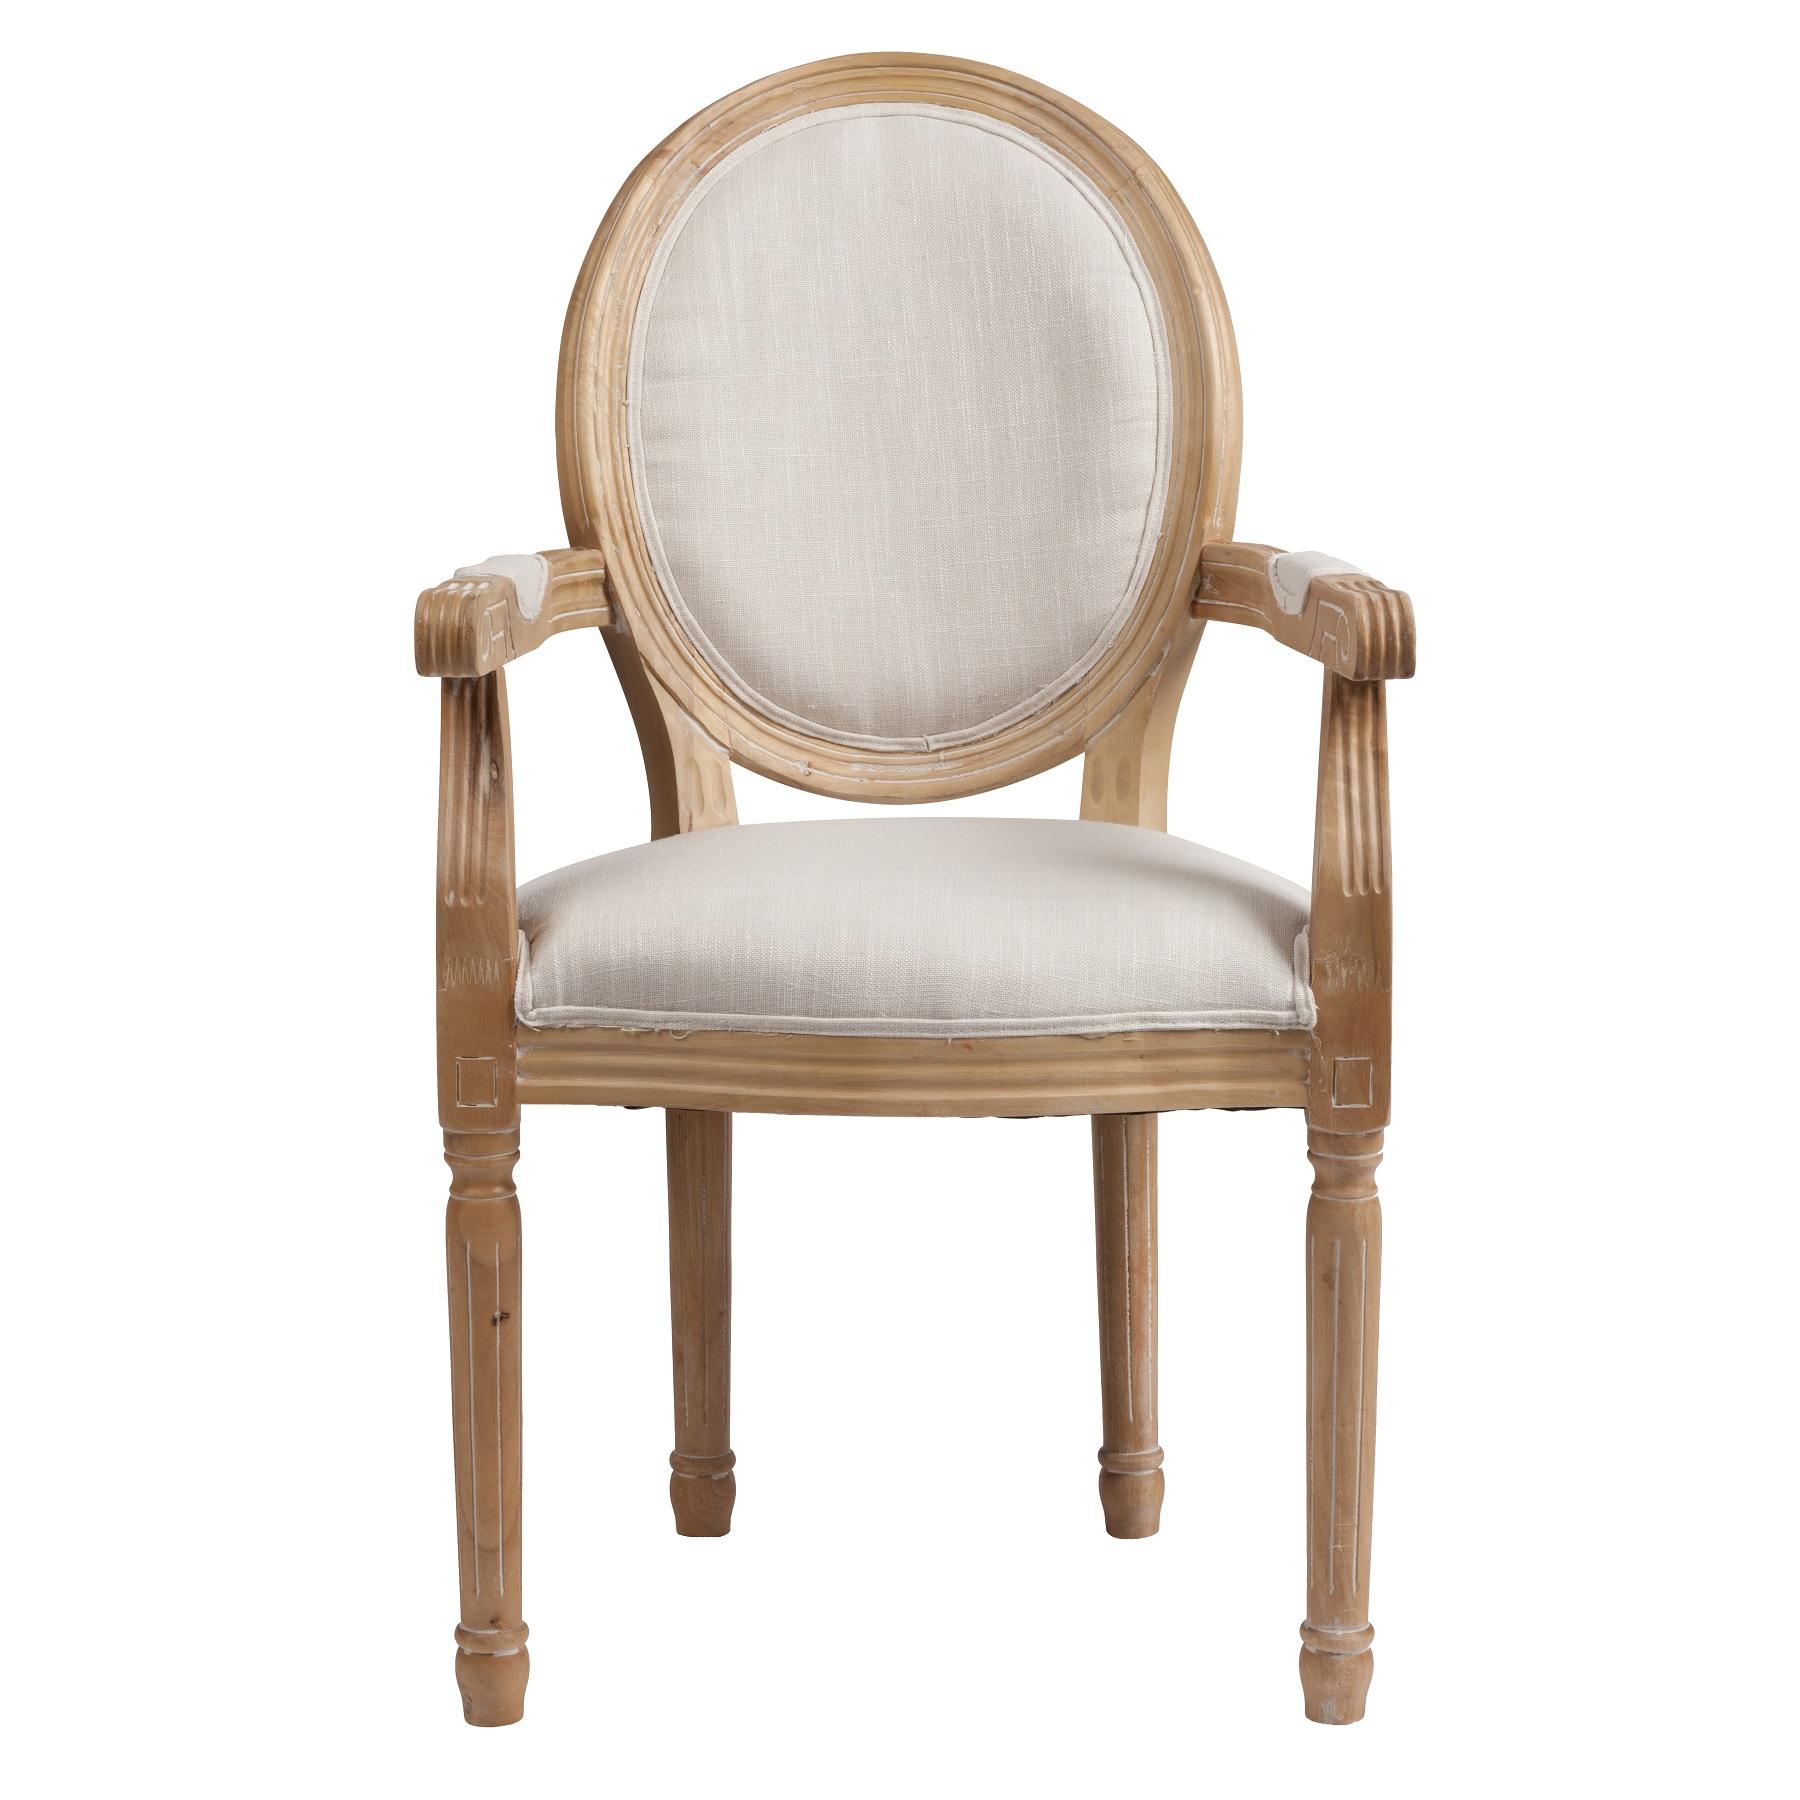 Кресло Vintage French Round Кремовый ЛенКресла<br>Это кресло напоминает мебель времен Людовика <br>и Марии-Антуанет. Ведь именно тогда был <br>пик расцвета стилей Прованс и Барокко. Выполненное <br>в современном толерантном стиле, кресло <br>Vintage French Round, тем не менее, ярко показывает <br>свои французские истоки. Действительно, <br>оно бы украсило не один дворец или палаццо. <br>Прочный каркас из массива дуба, классические <br>округлые формы, своеобразная спинка в виде <br>медальона, высокие тонкие ножки и округлые <br>бока — стиль Прованс! Простое и изысканное, <br>легкое и воздушное, кокетливое и притягательное <br>— вот так можно описать кресло Vintage French <br>Round. Прекрасно подобранное сочетание белого <br>и бежевого цветов придает очарование и <br>шарм. Этот предмет украсит гостиную или <br>столовую, бальный зал или спальню. Купите <br>это кресло в нашем интернет-магазине — <br>вы не разочаруетесь!<br><br>Цвет: Бежевый<br>Материал: Ткань, Поролон, Дерево<br>Вес кг: 8<br>Длина см: 58,5<br>Ширина см: 61<br>Высота см: 102